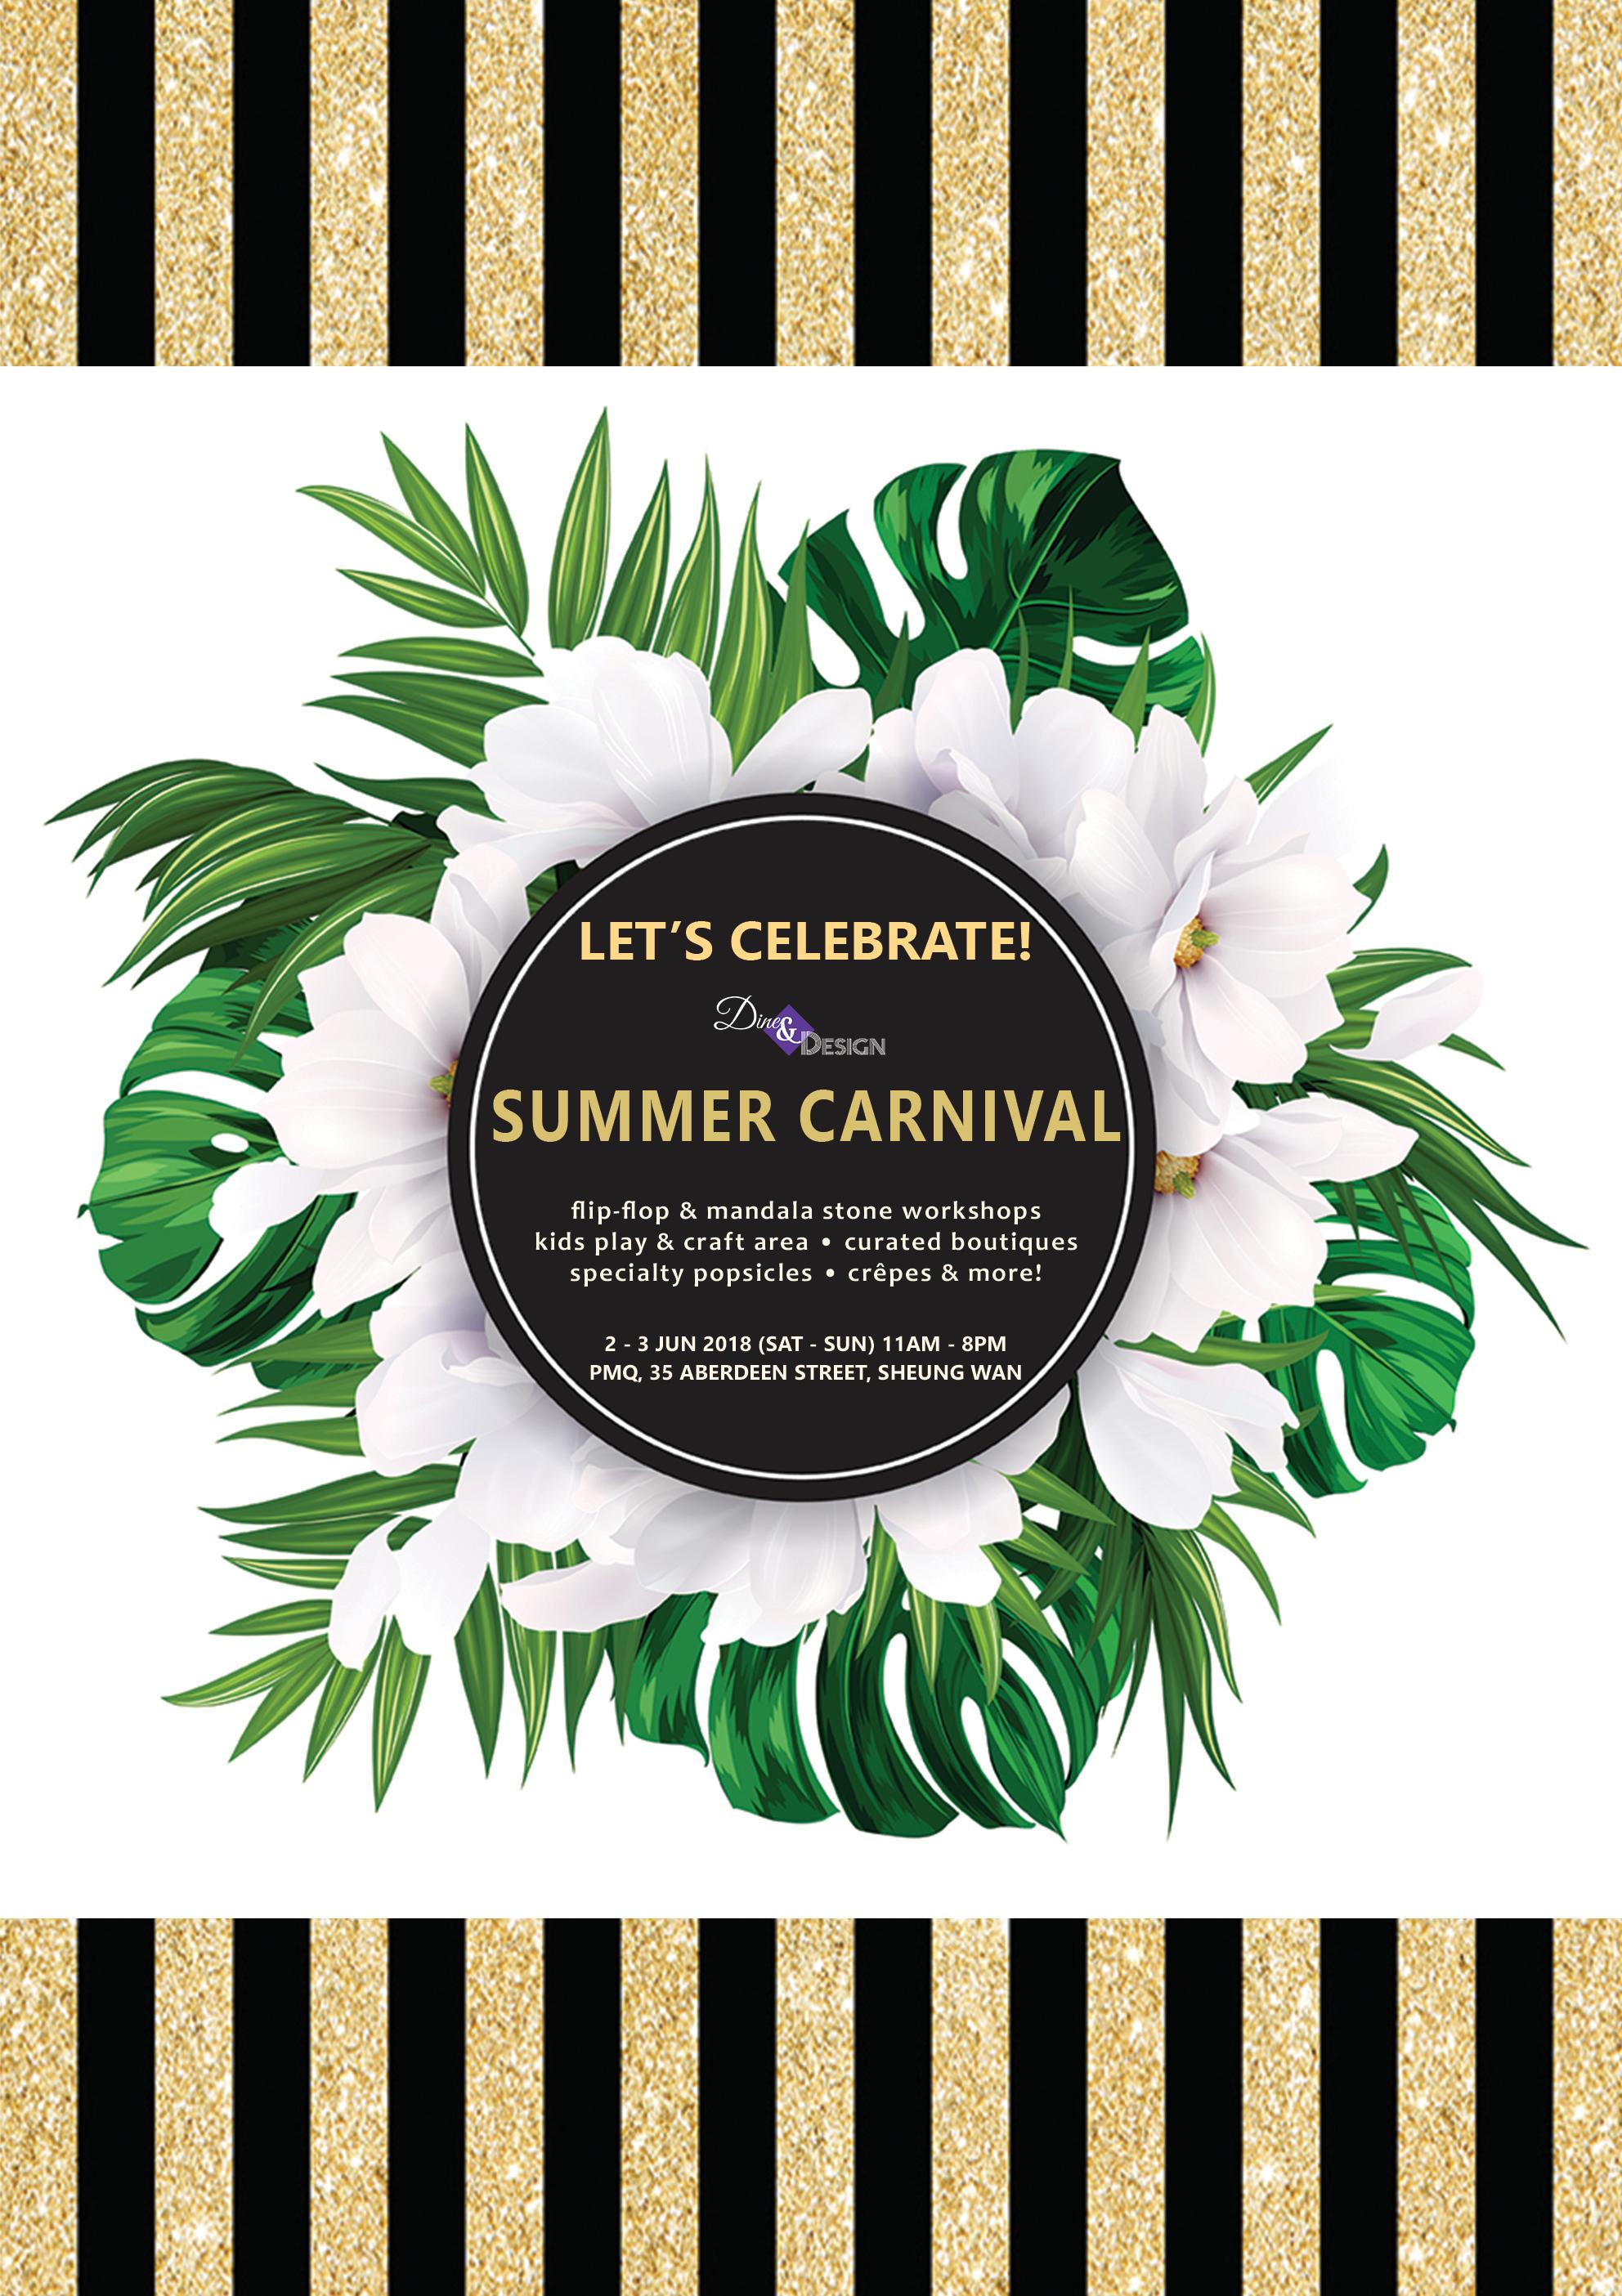 Paper-Roses | Events | Dine & Design Summer Carnival 2-3 June 2018